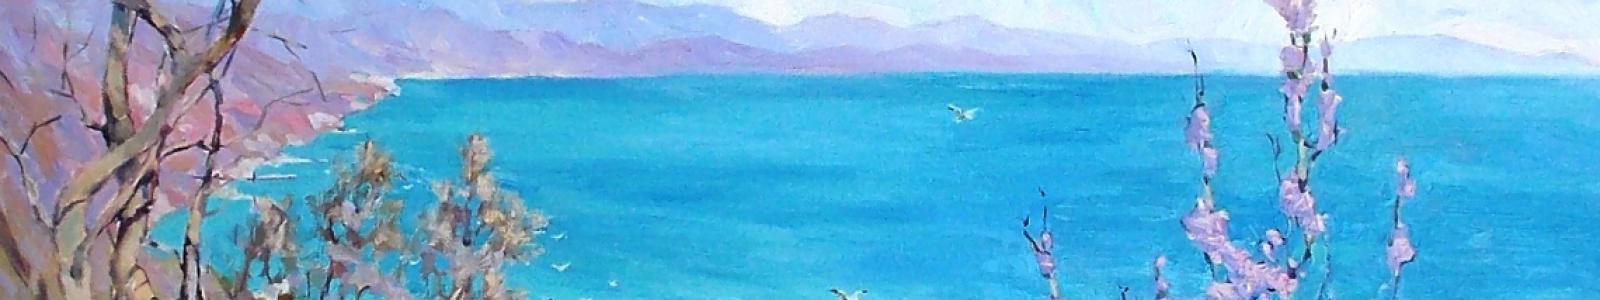 Gallery Painter Vladislava Turskay